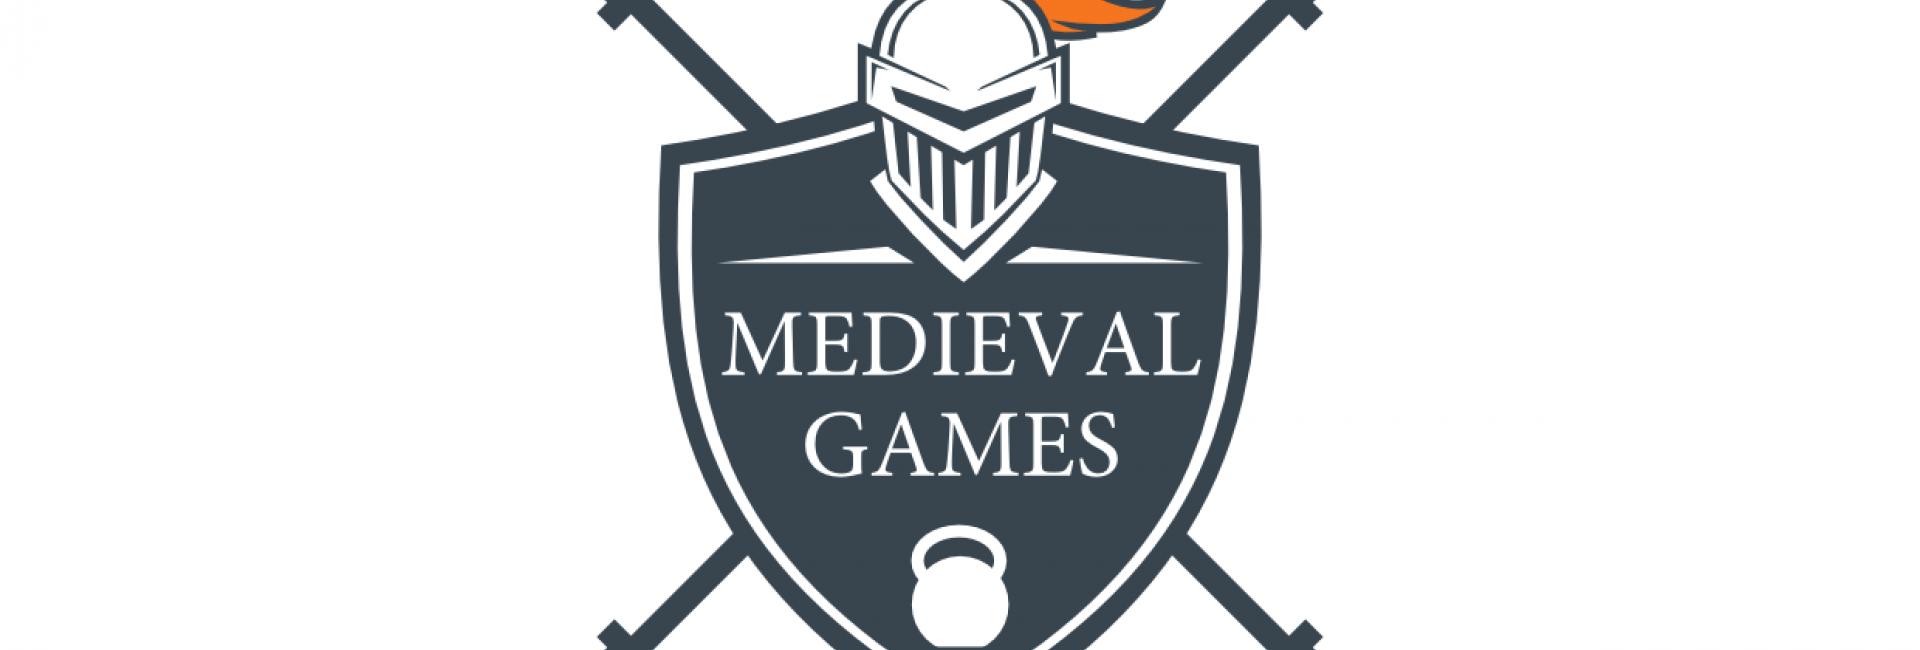 Medieval Games 2017